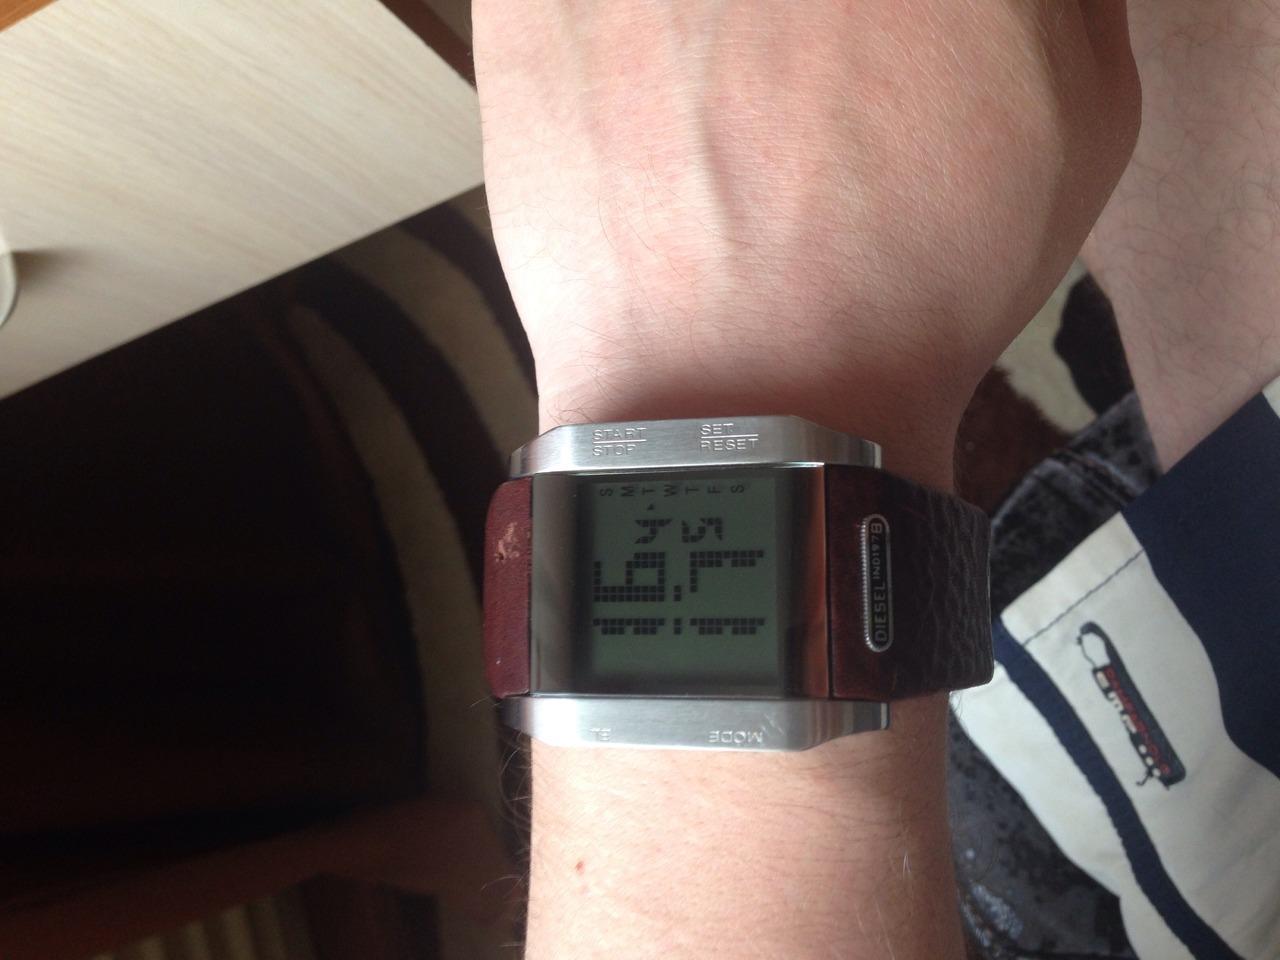 Куплю хорошие часы до 5000 — 5 000 руб. — Общение — Корзина — Price ... 76d620a7328